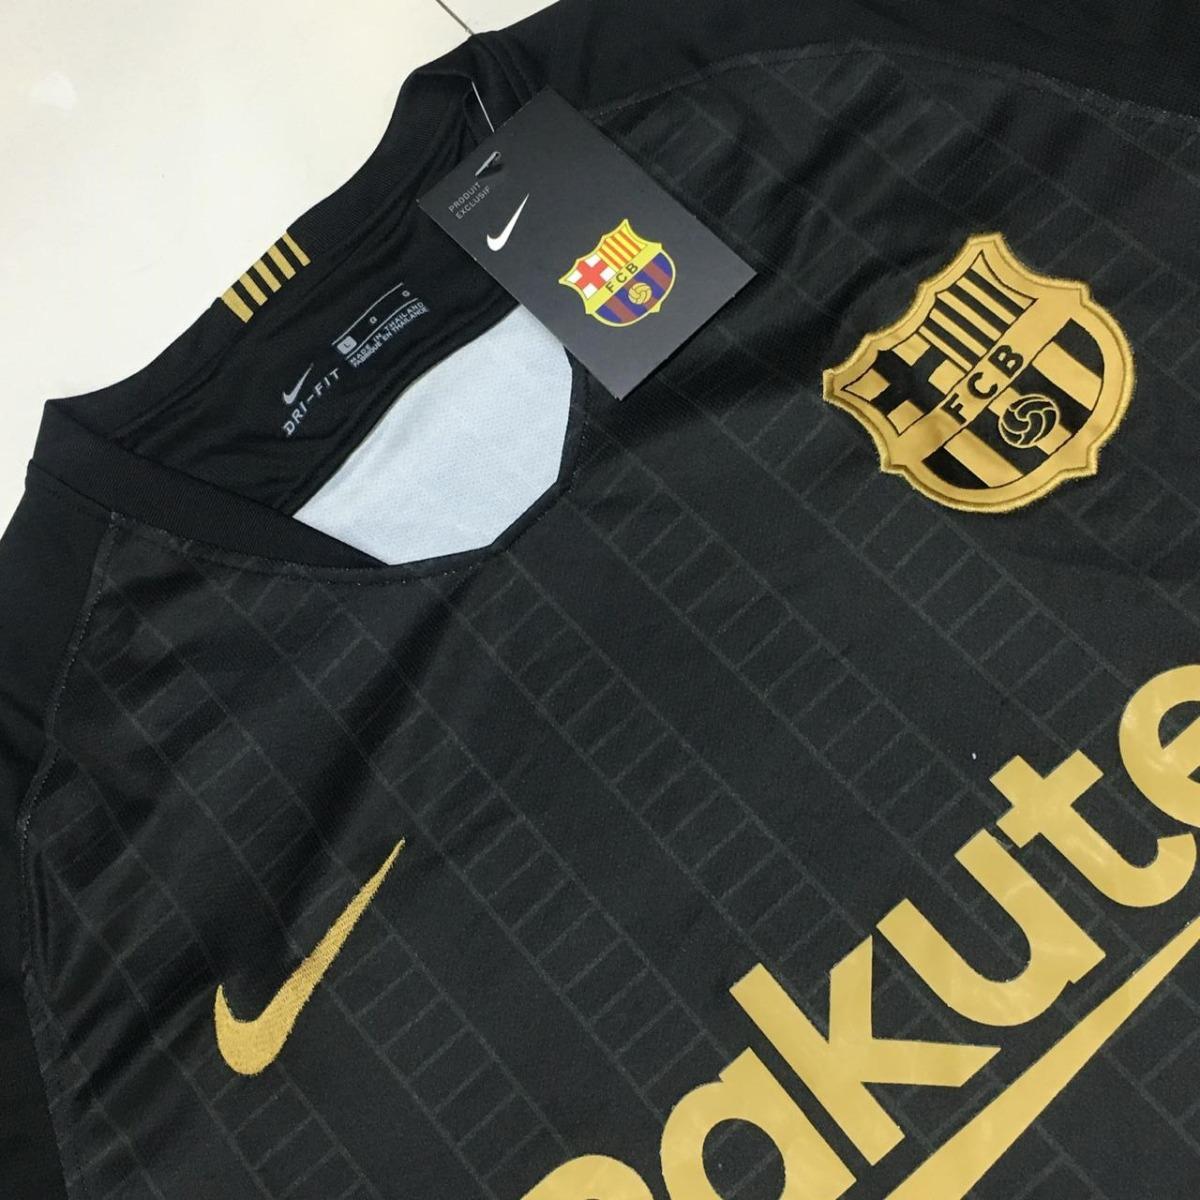 camisa barcelona preta 2018 2019 frete gratis. Carregando zoom. 527e2b08c996a